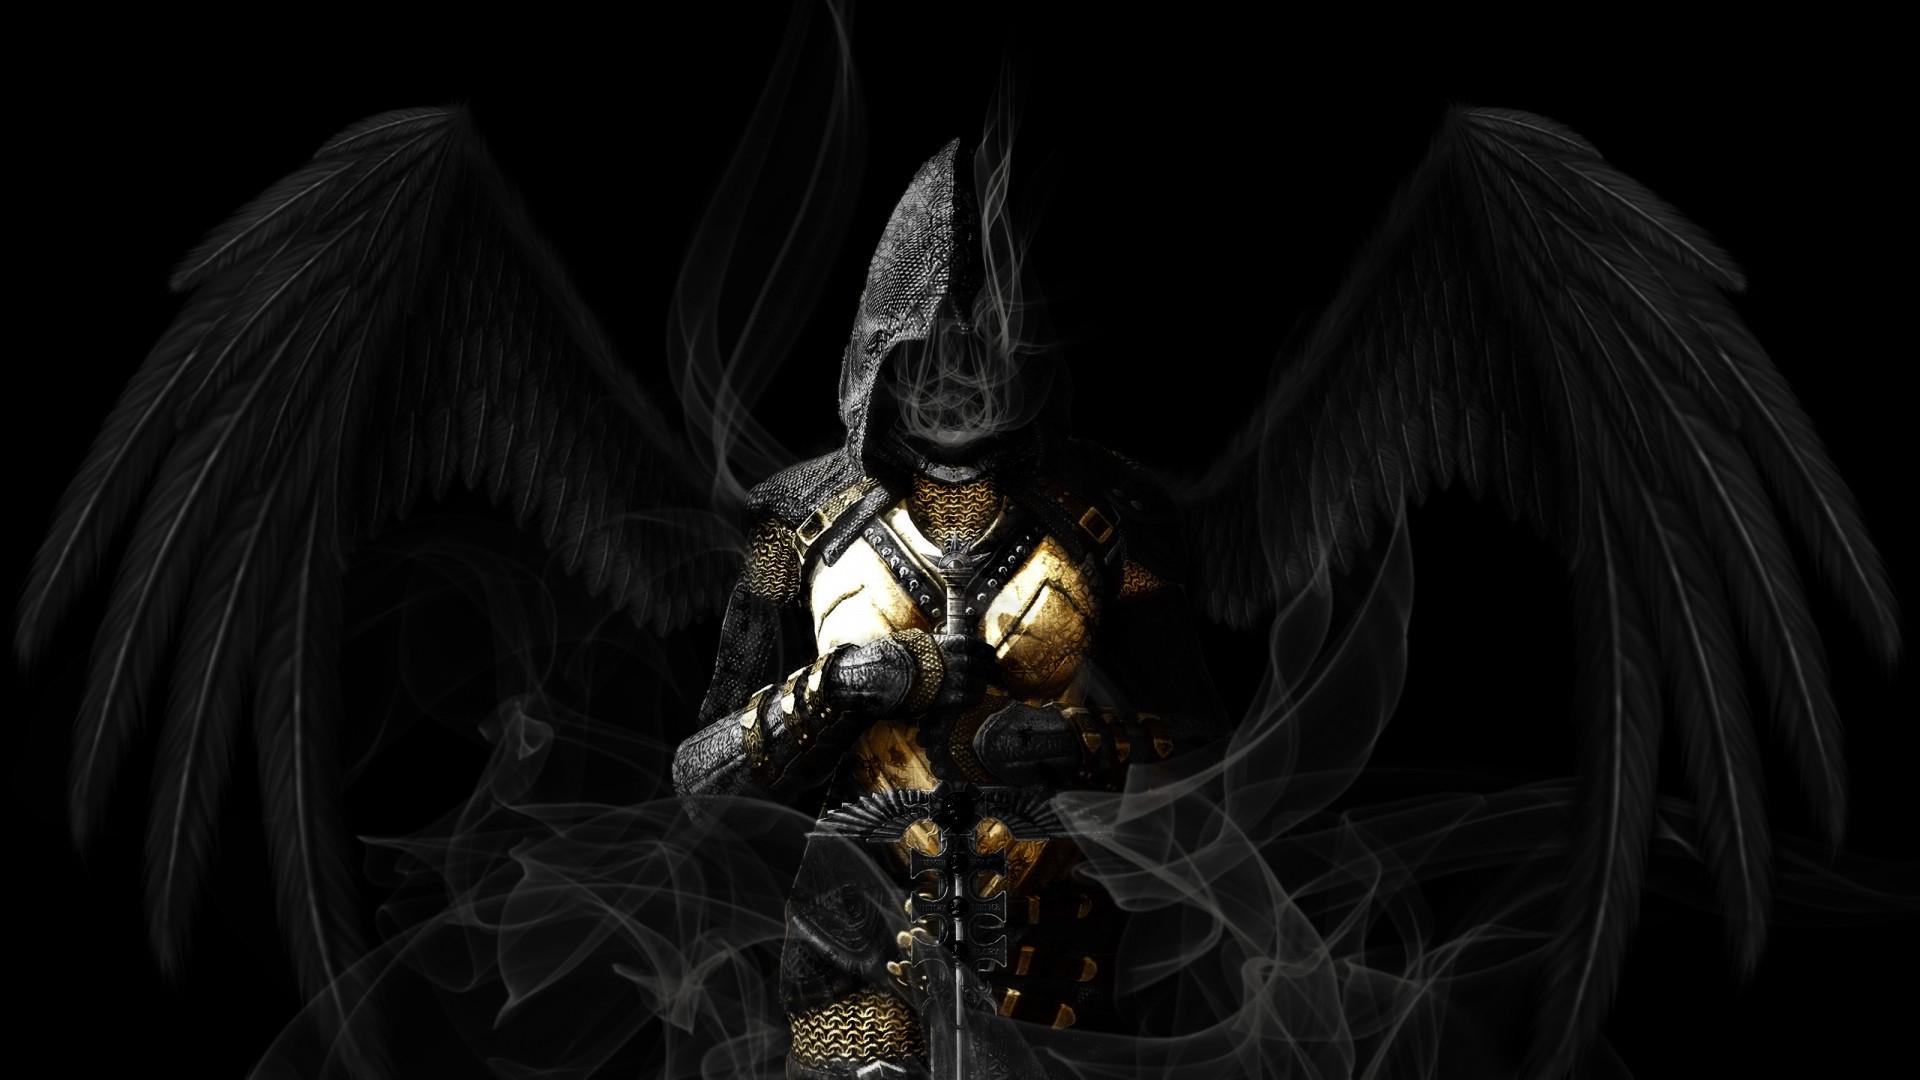 Angel wings black sword gothic dark reaper grim angels - Gothic angel wallpaper ...